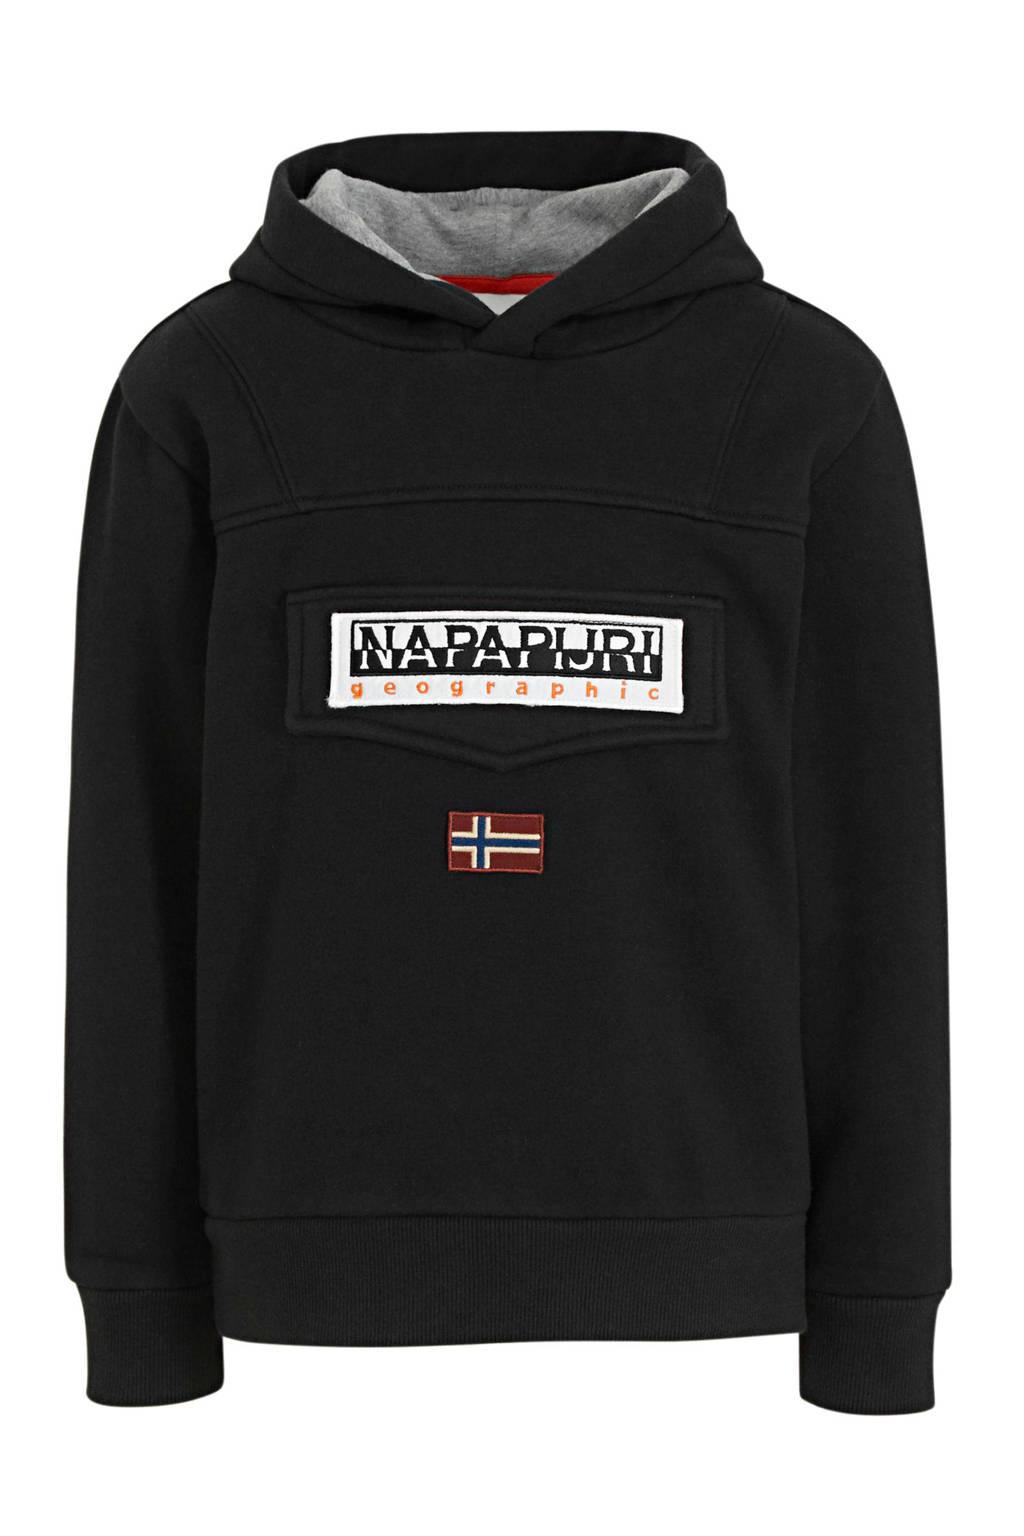 Napapijri hoodie Burgee zwart, Zwart